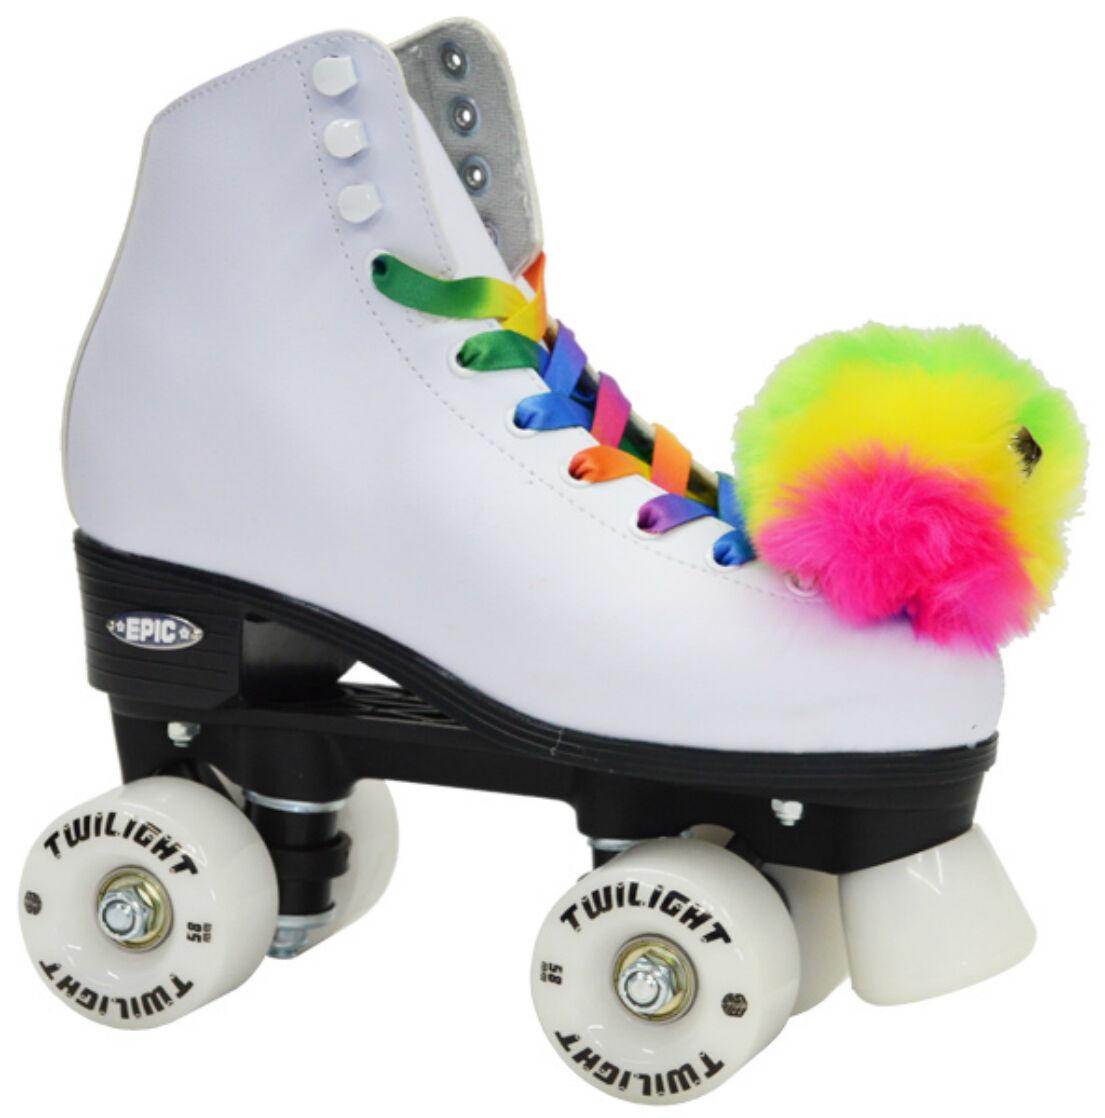 epic allure quad roller skates w rainbow